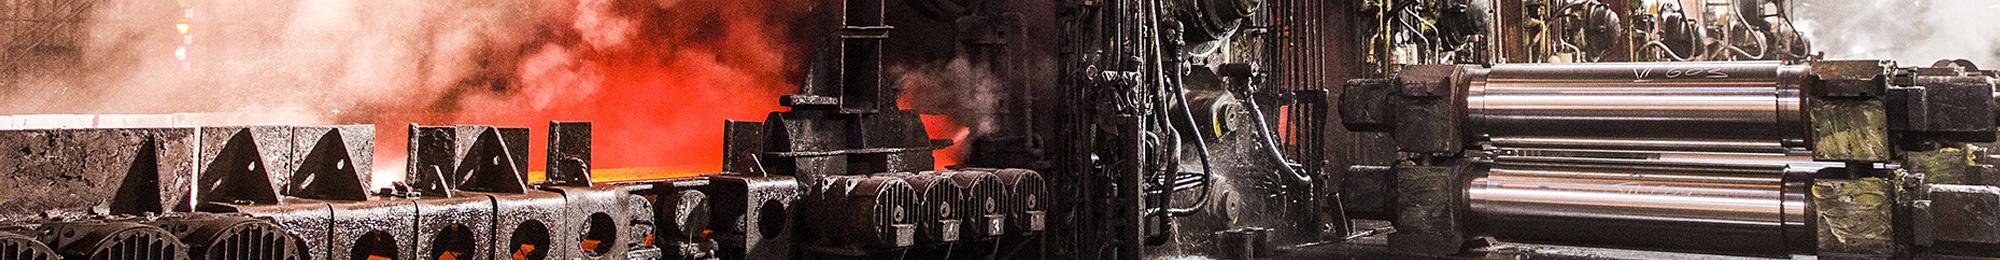 banner furnace tracker